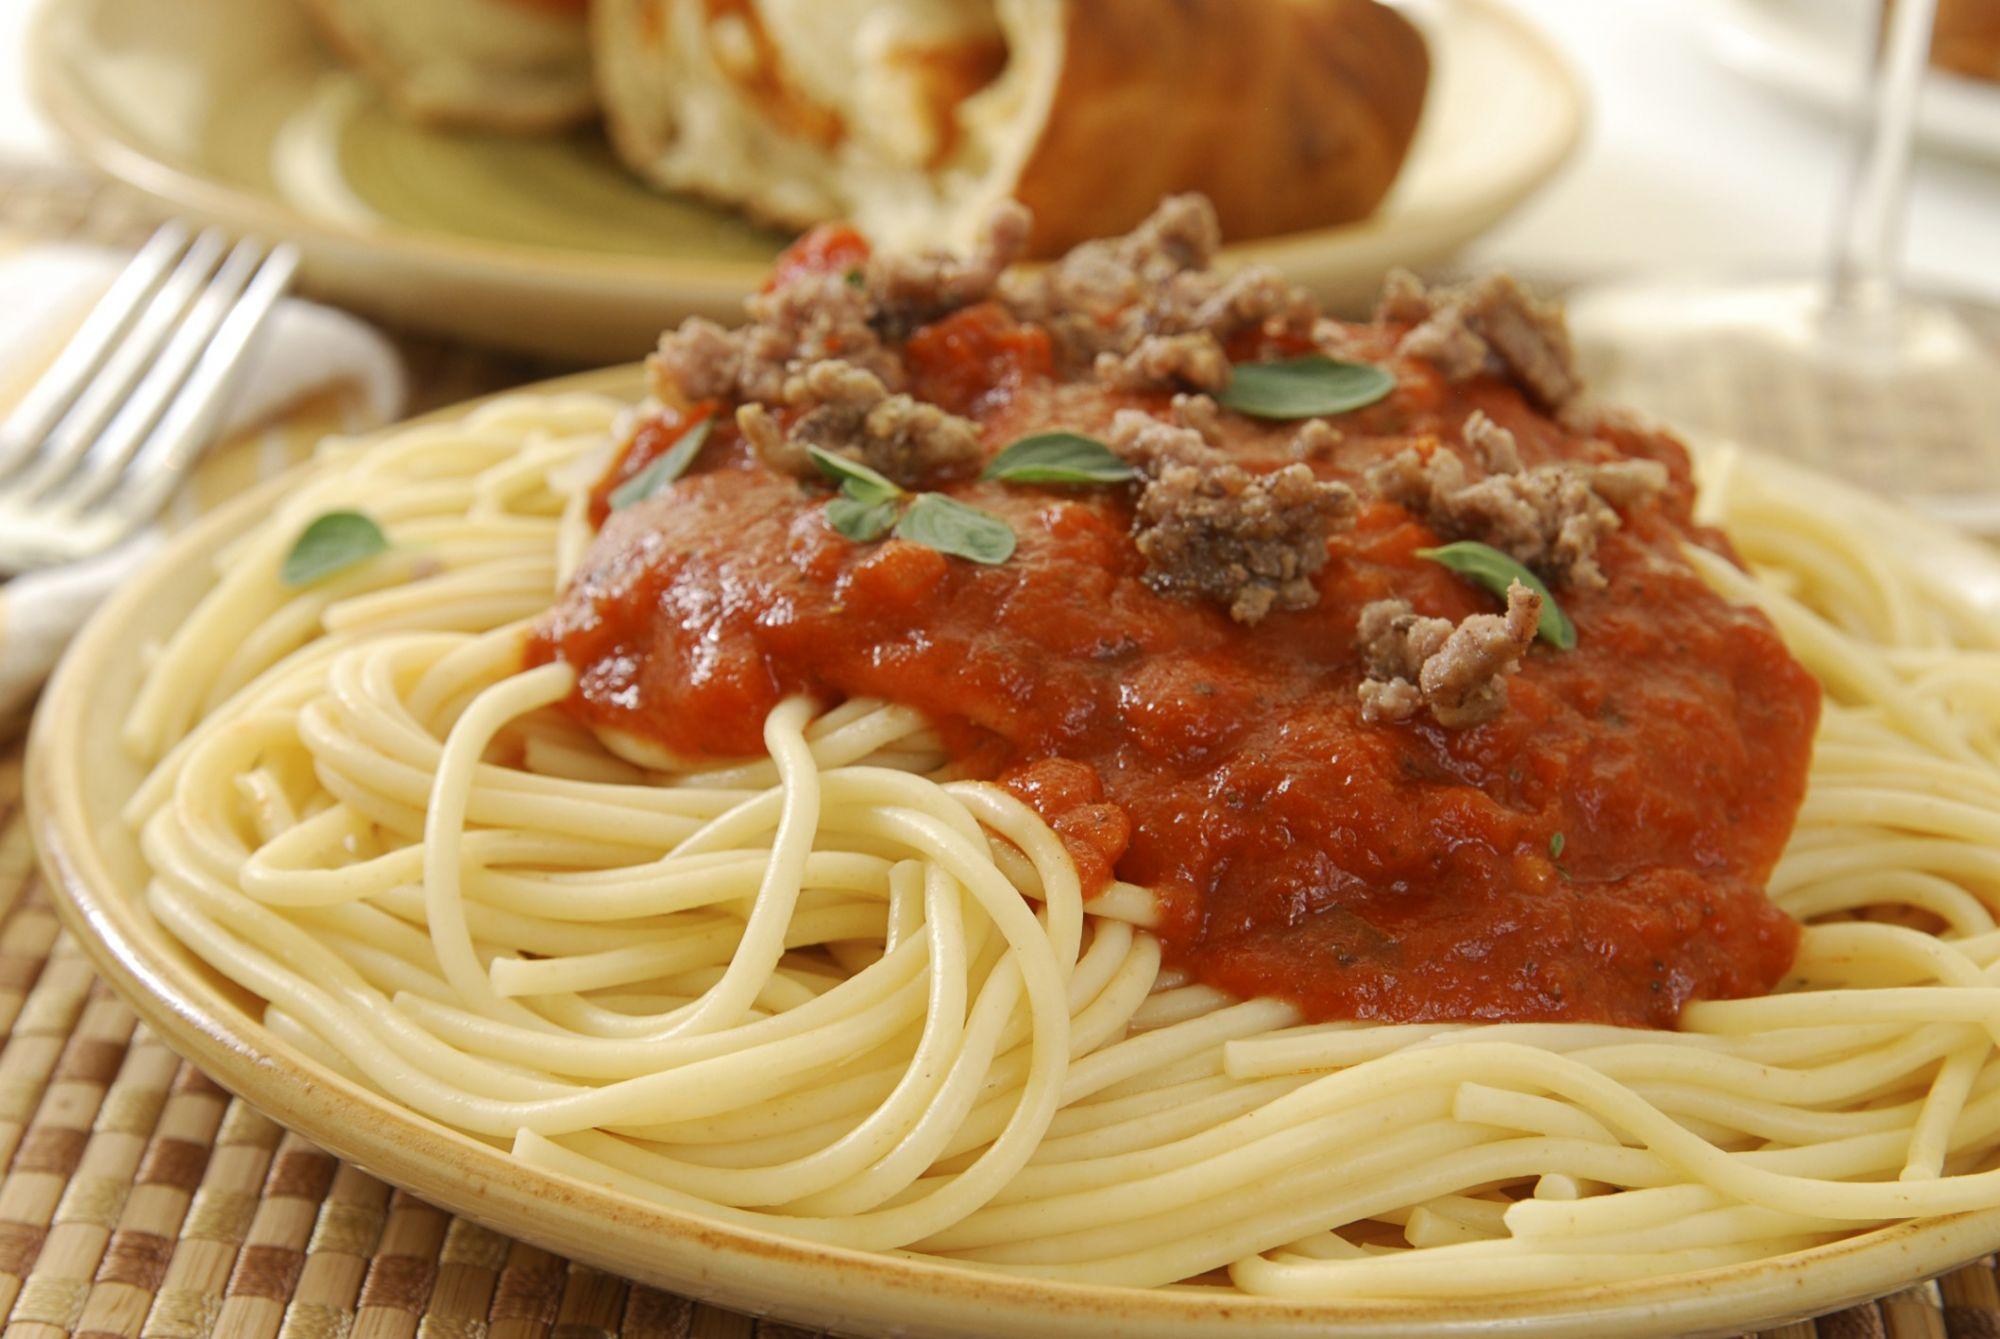 Espaguetis con salsa casalinga 4 5 5 for Platos caseros faciles